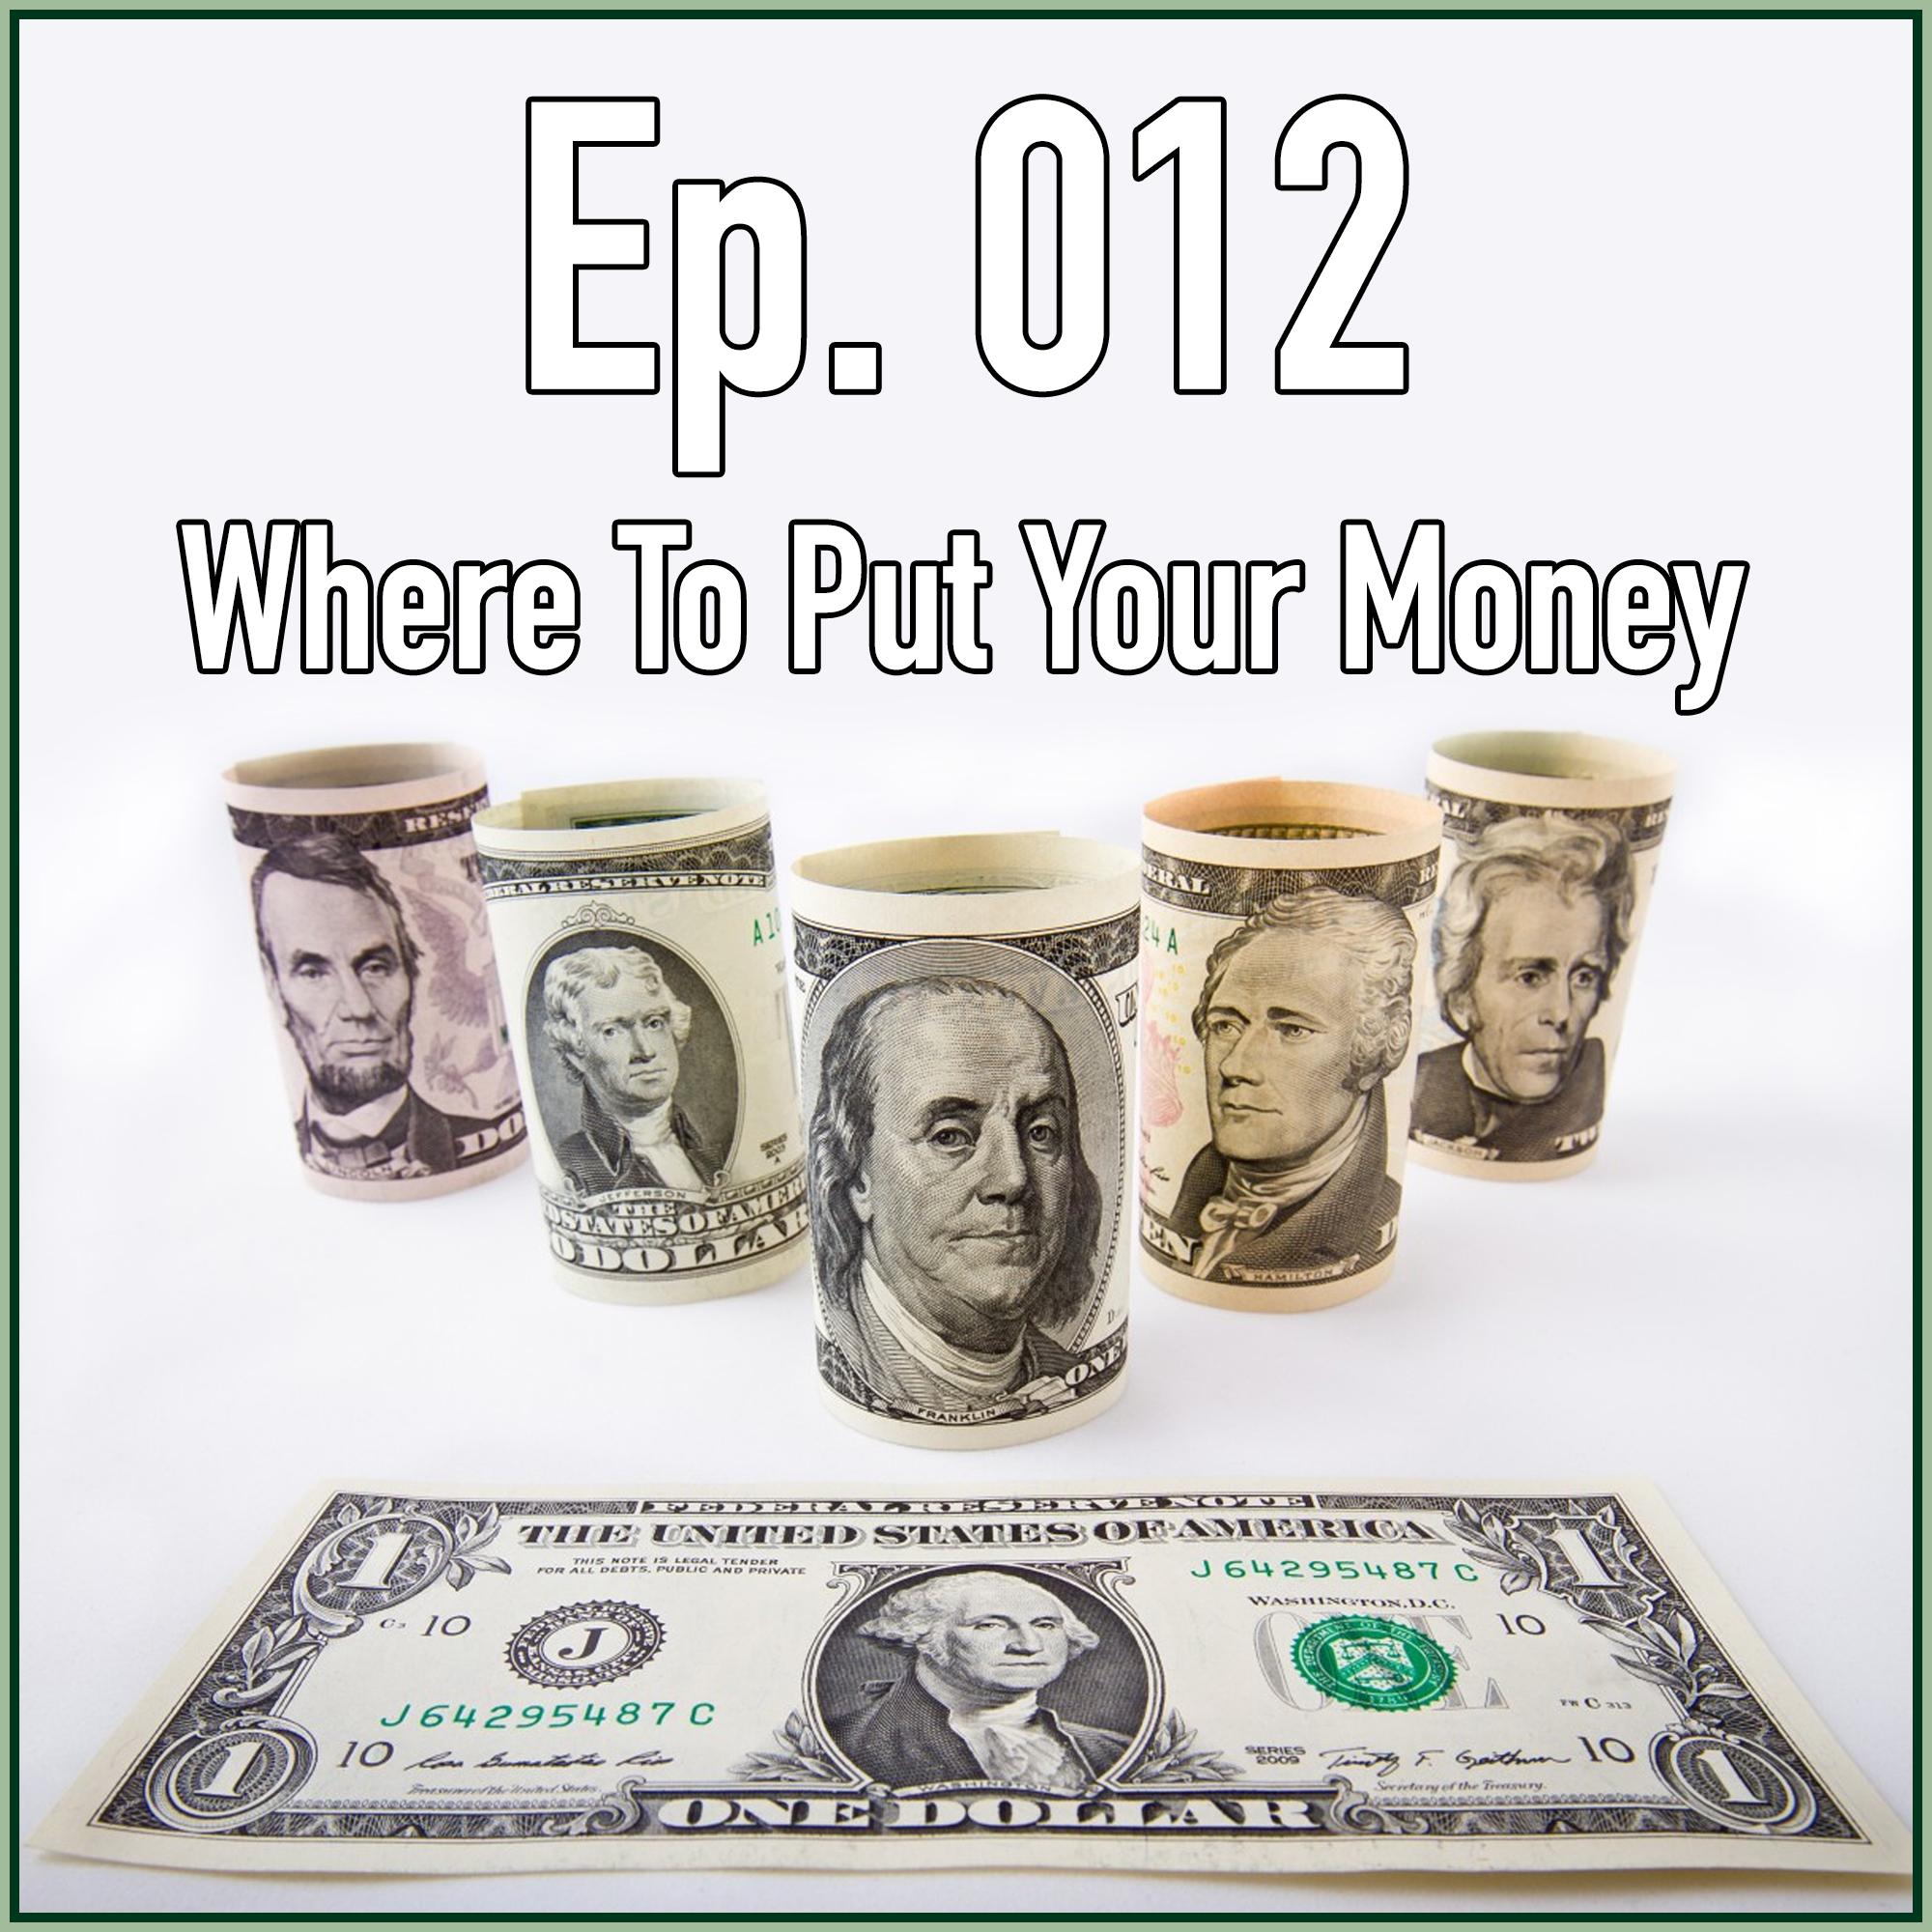 Where to put money 82